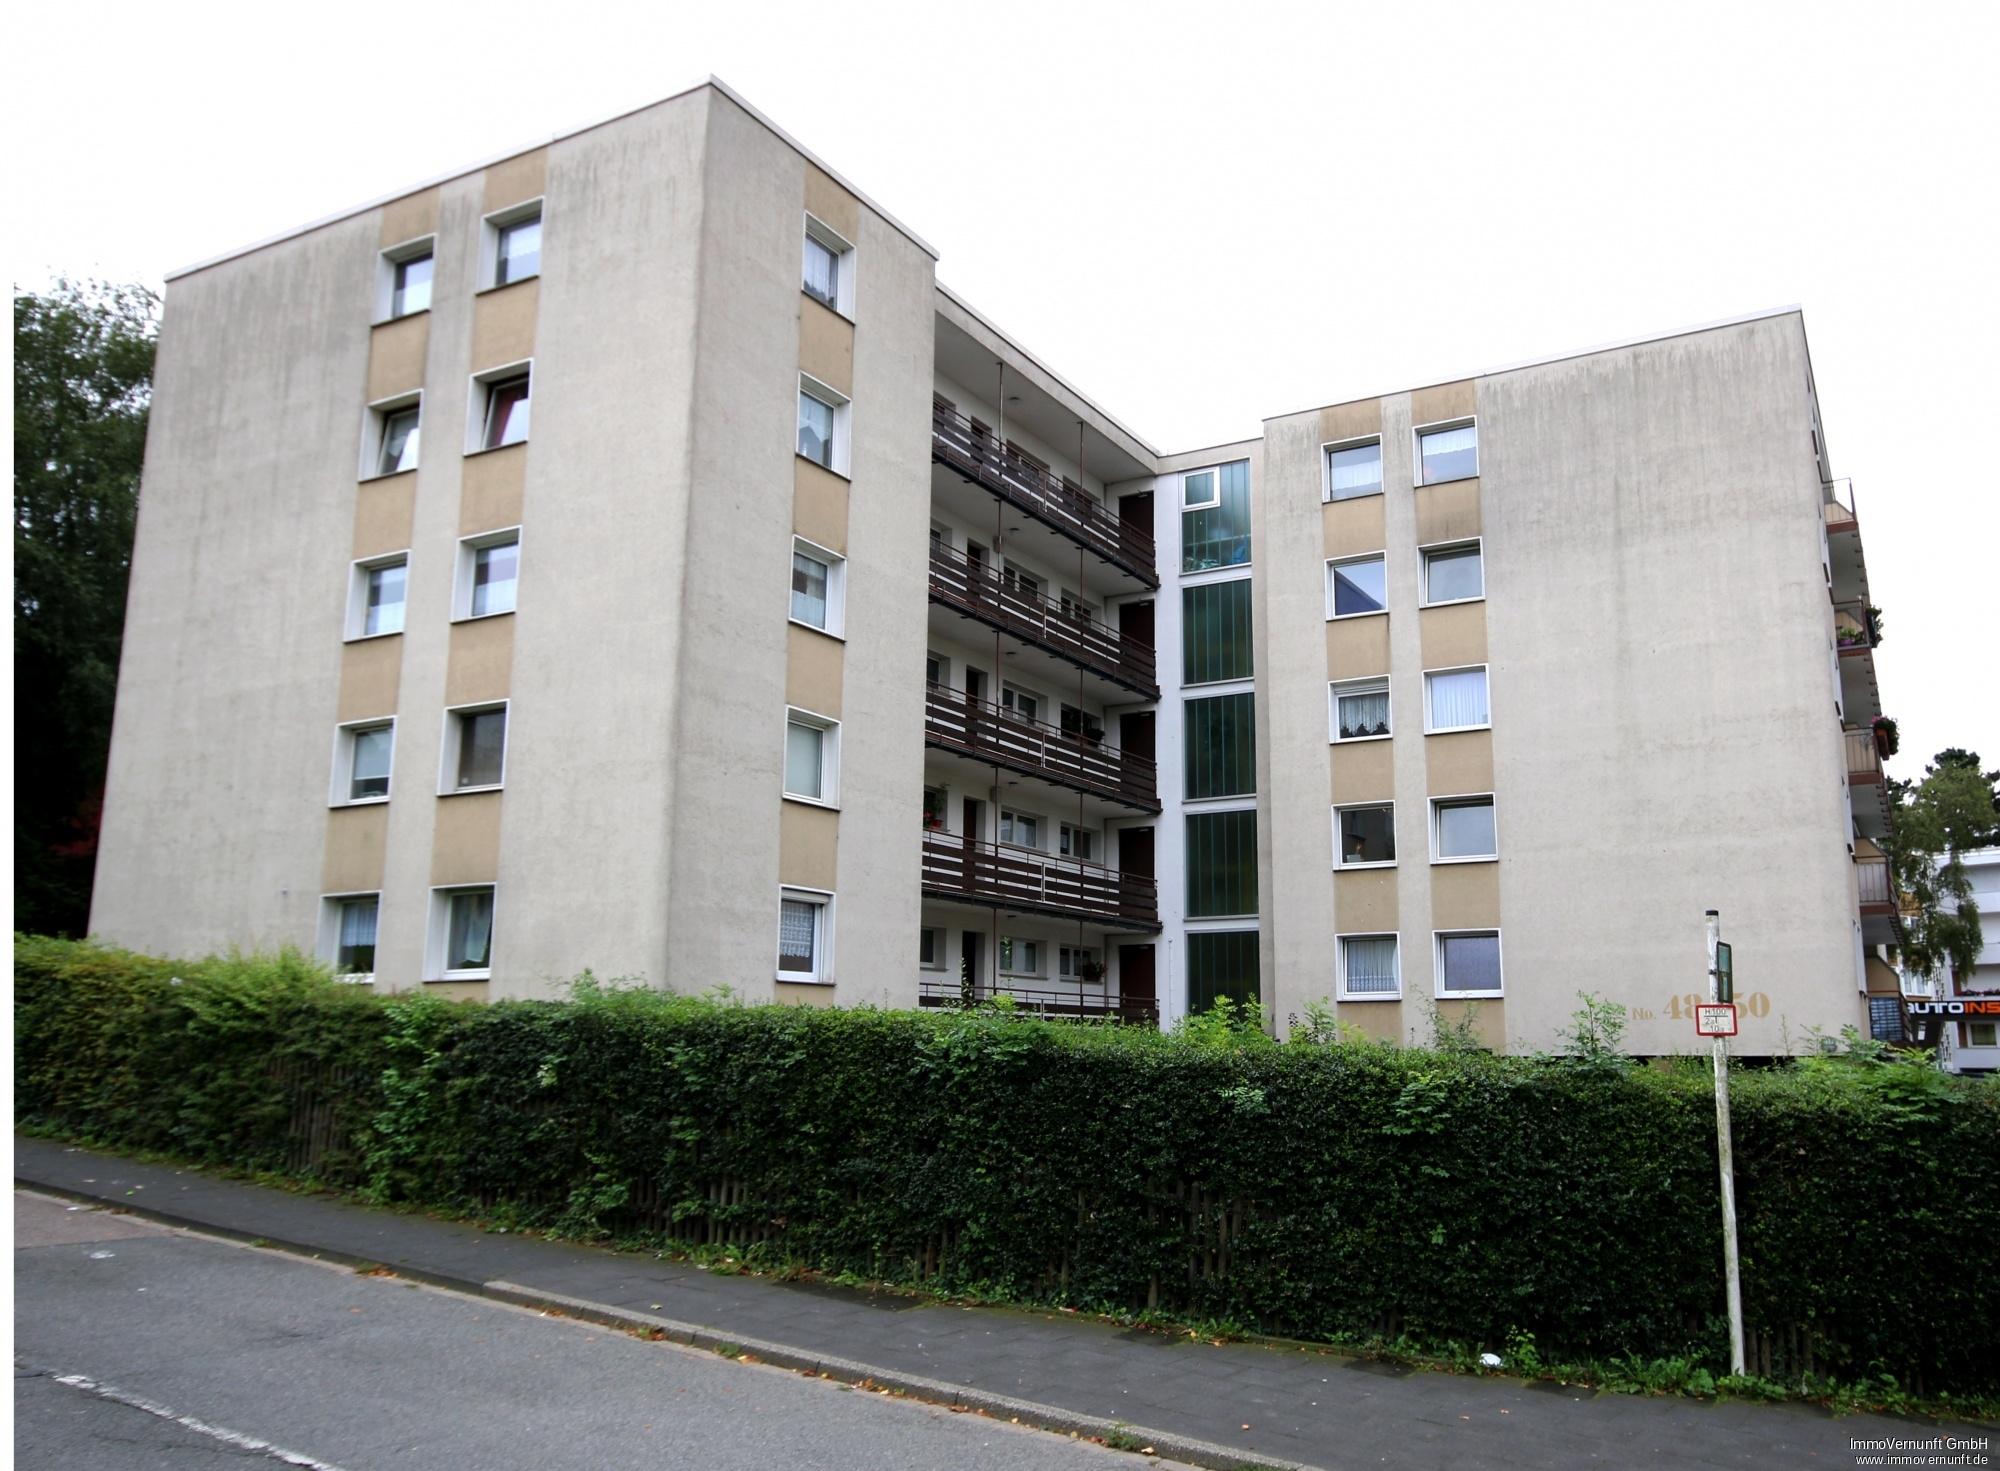 2 Zimmer Wohnung in Mülheim  auf 68 m² 45473 Mülheim an der Ruhr, Etagenwohnung